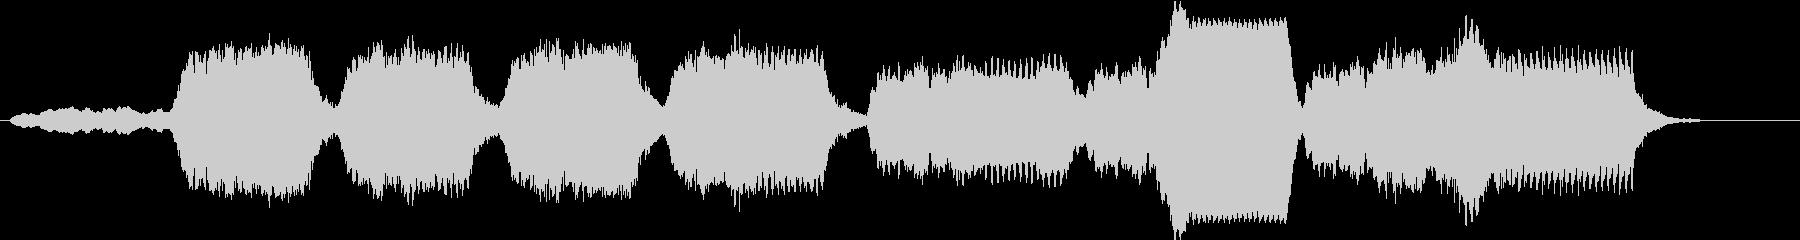 暗い森に迷い込んだようなチェロ曲の未再生の波形